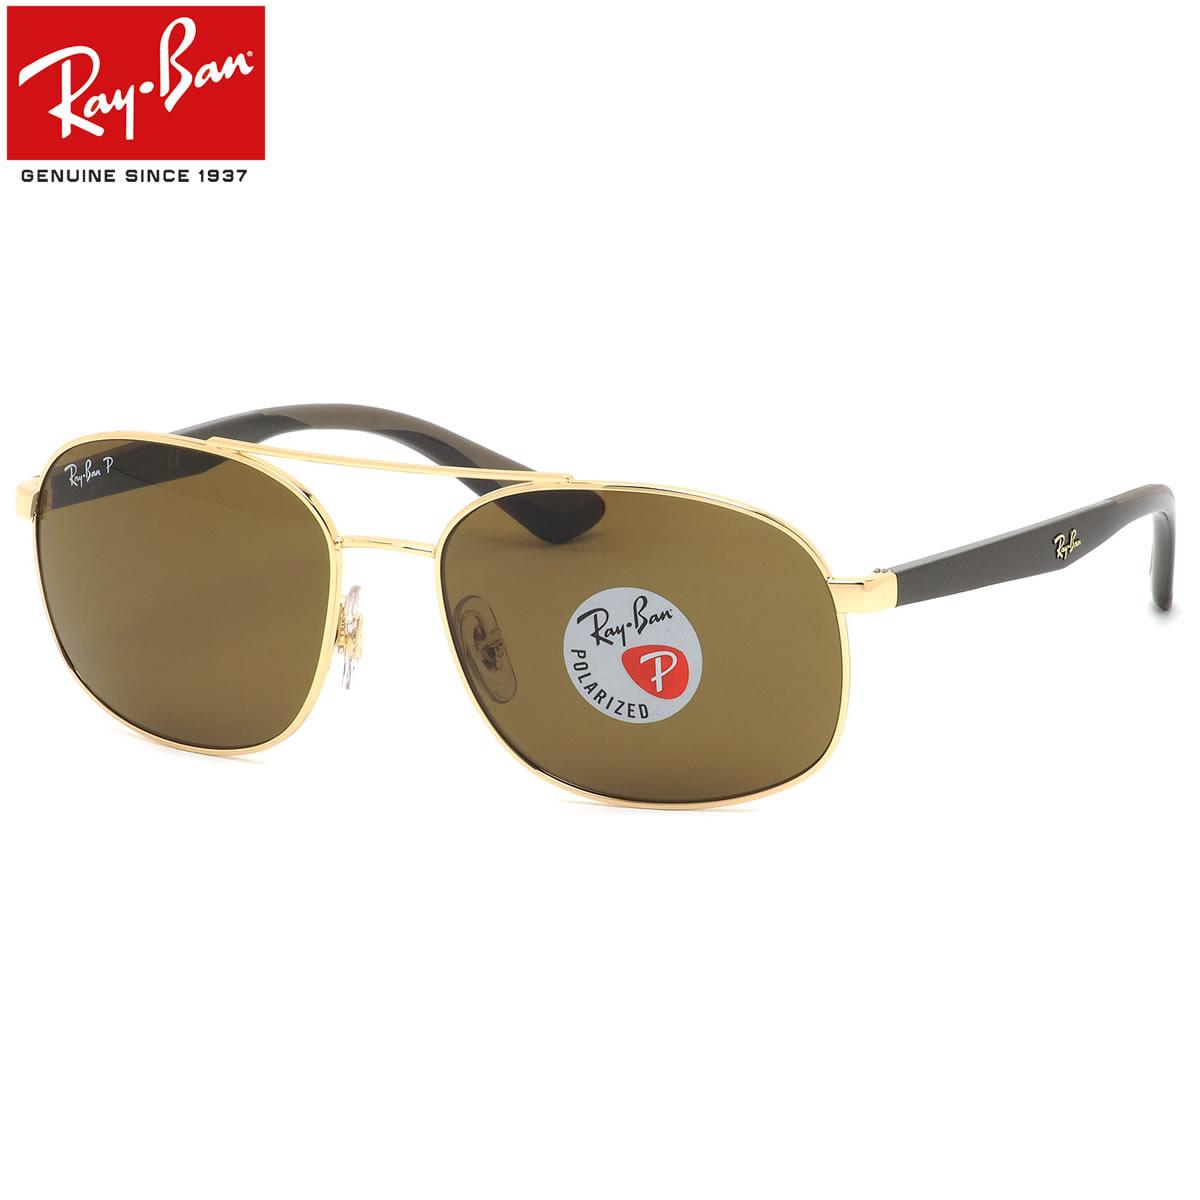 Ray-Ban レイバン サングラス RB3593 001/83 58サイズ ダブルブリッジ ツーブリッジ ラバー コンビネーション ブラウン 偏光 ポラライズド メンズ レディース